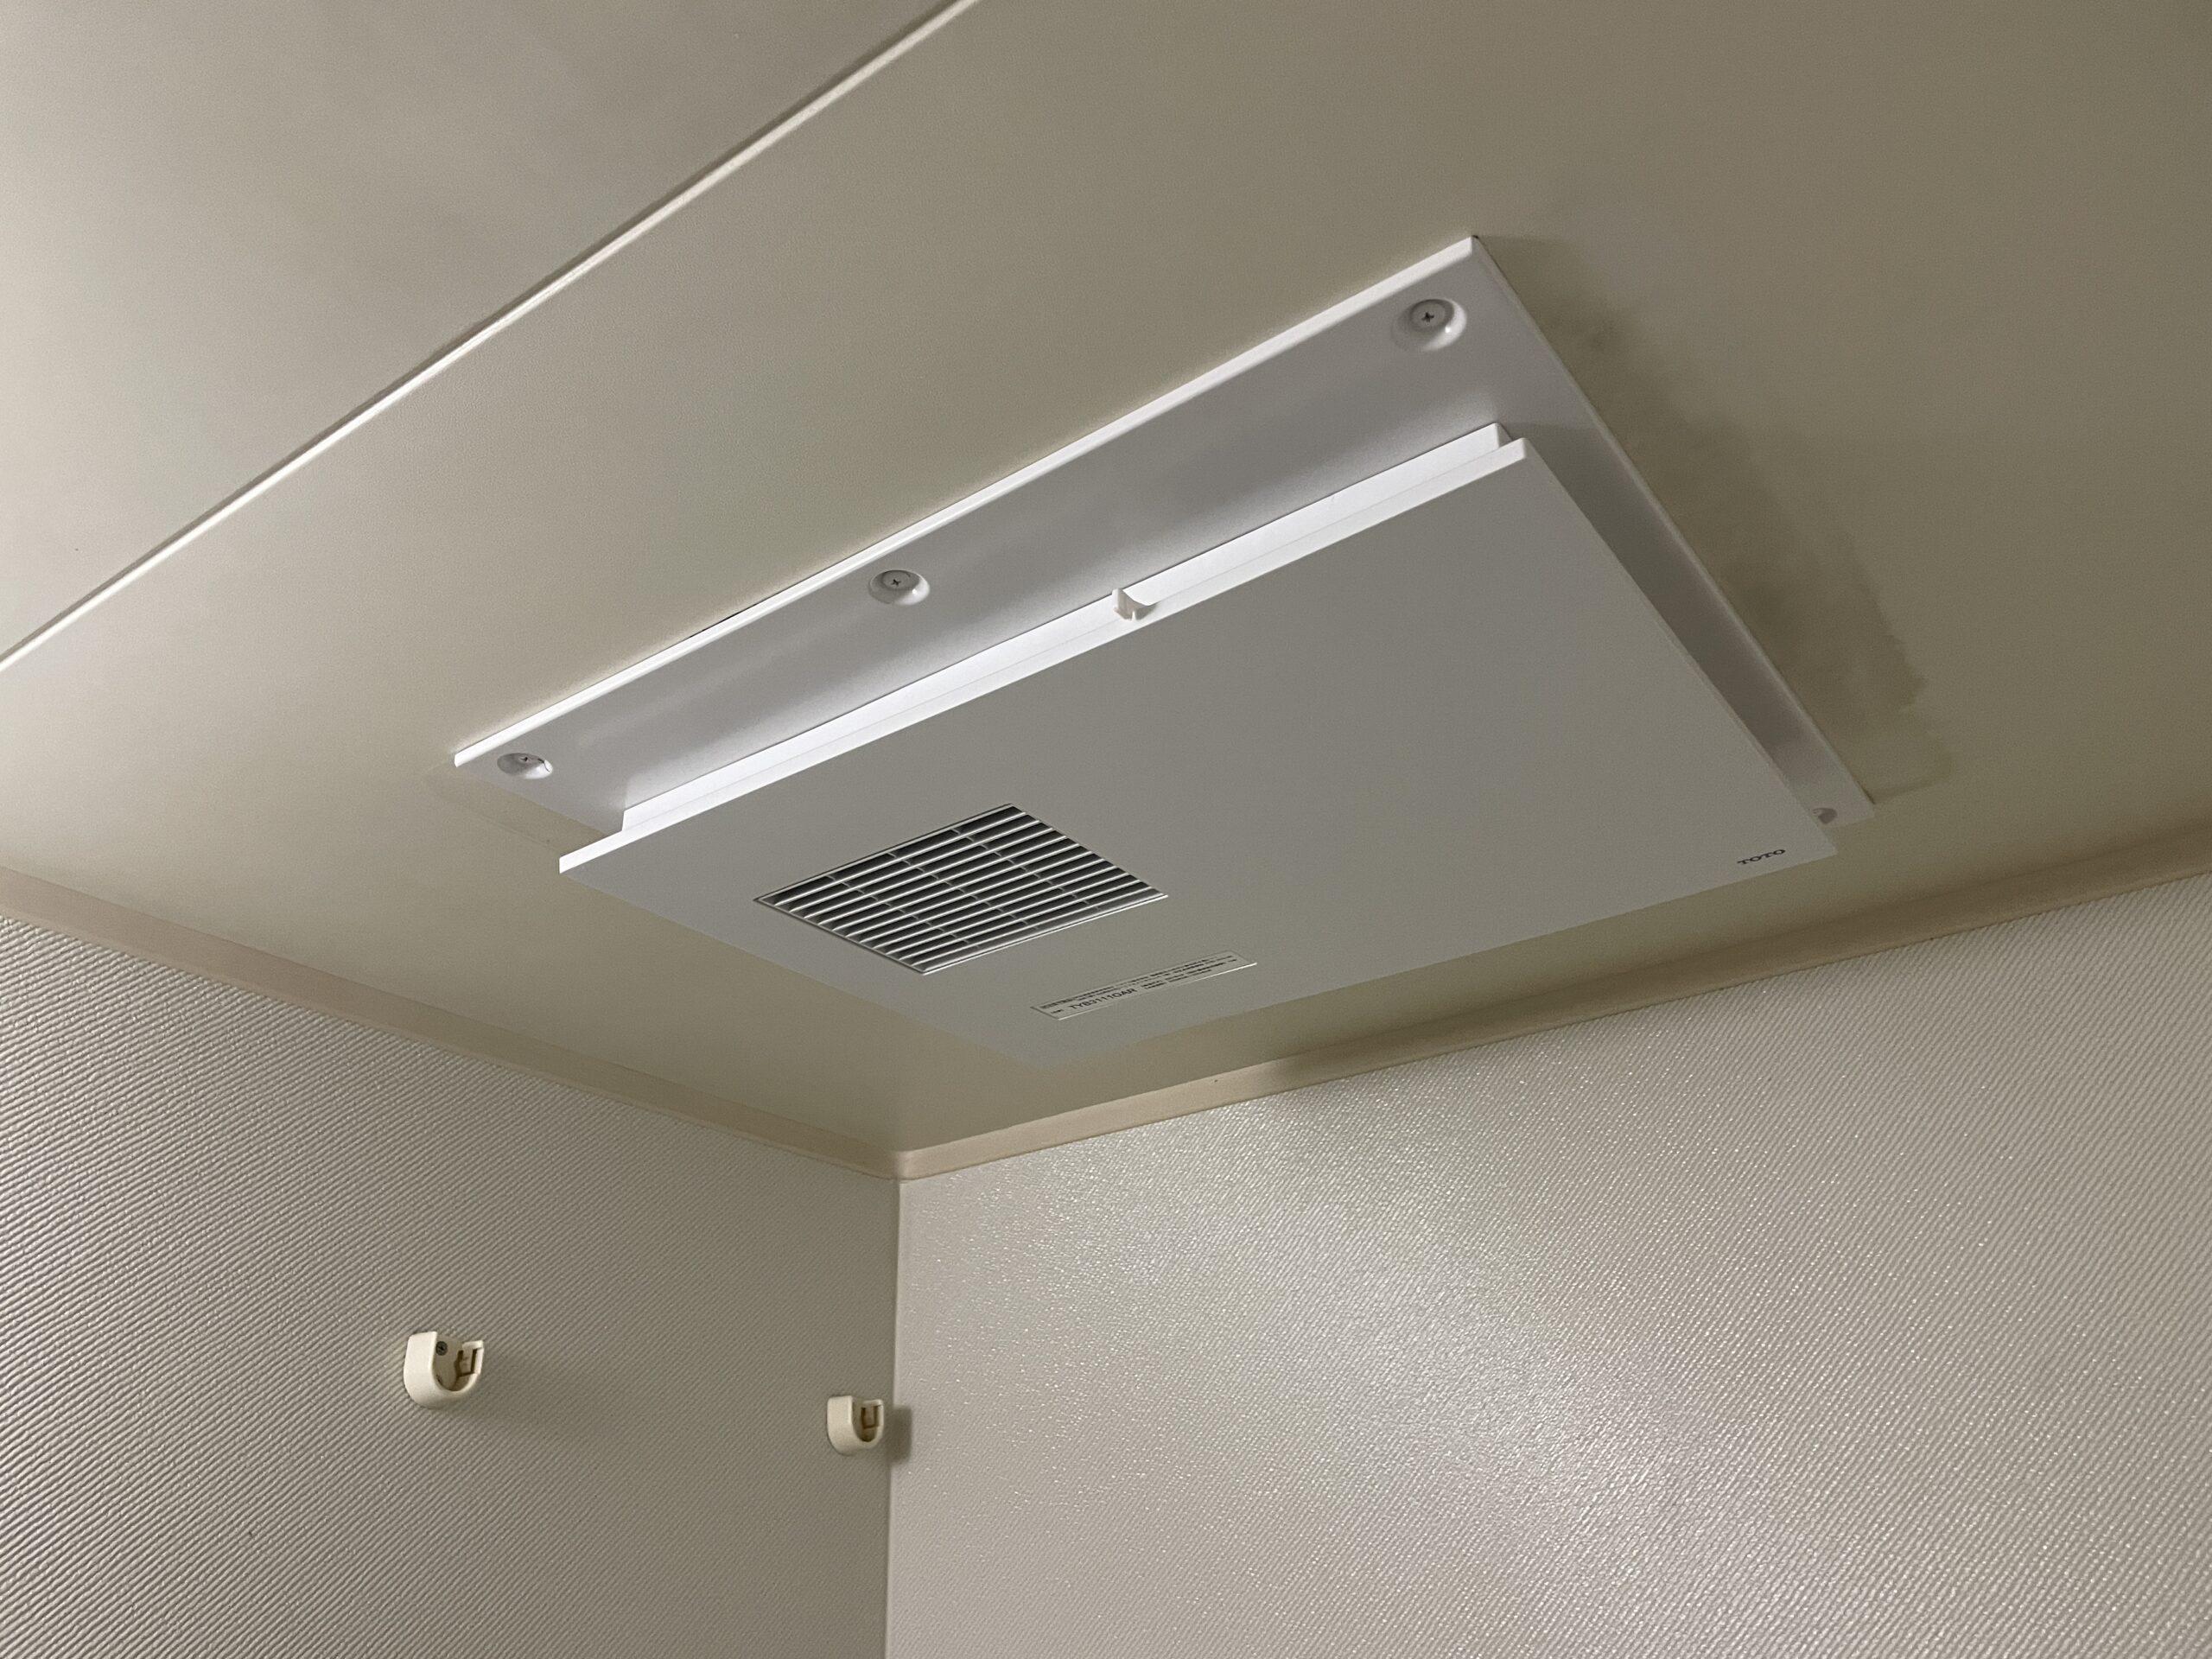 中央区 浴室暖房 施工後③